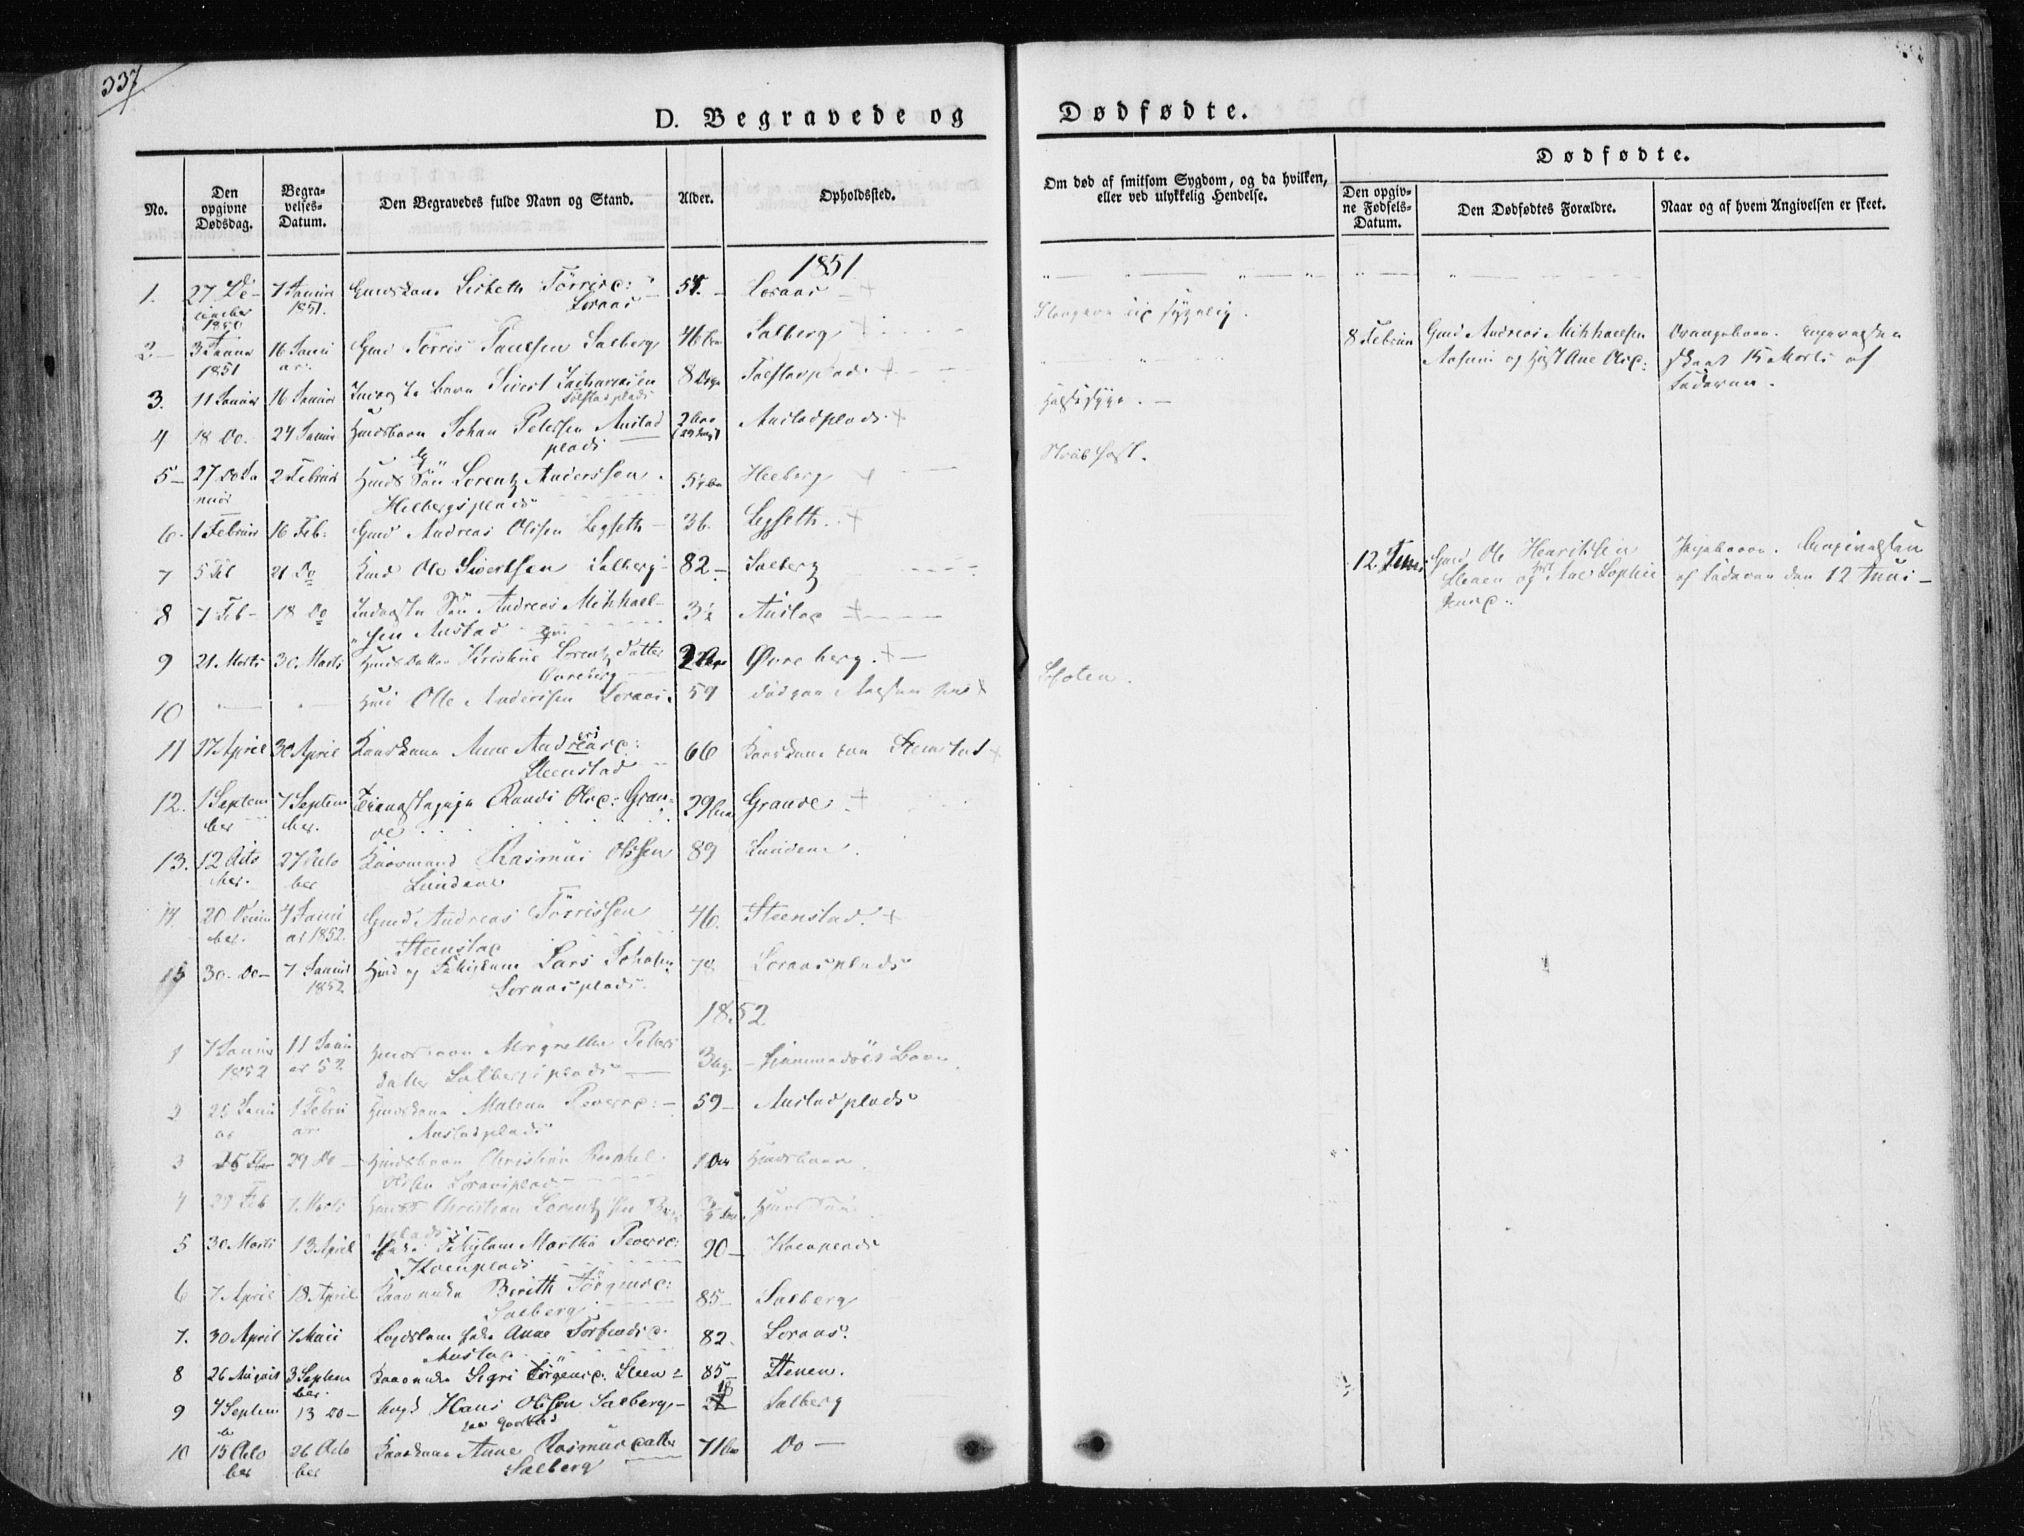 SAT, Ministerialprotokoller, klokkerbøker og fødselsregistre - Nord-Trøndelag, 730/L0280: Ministerialbok nr. 730A07 /2, 1840-1854, s. 327